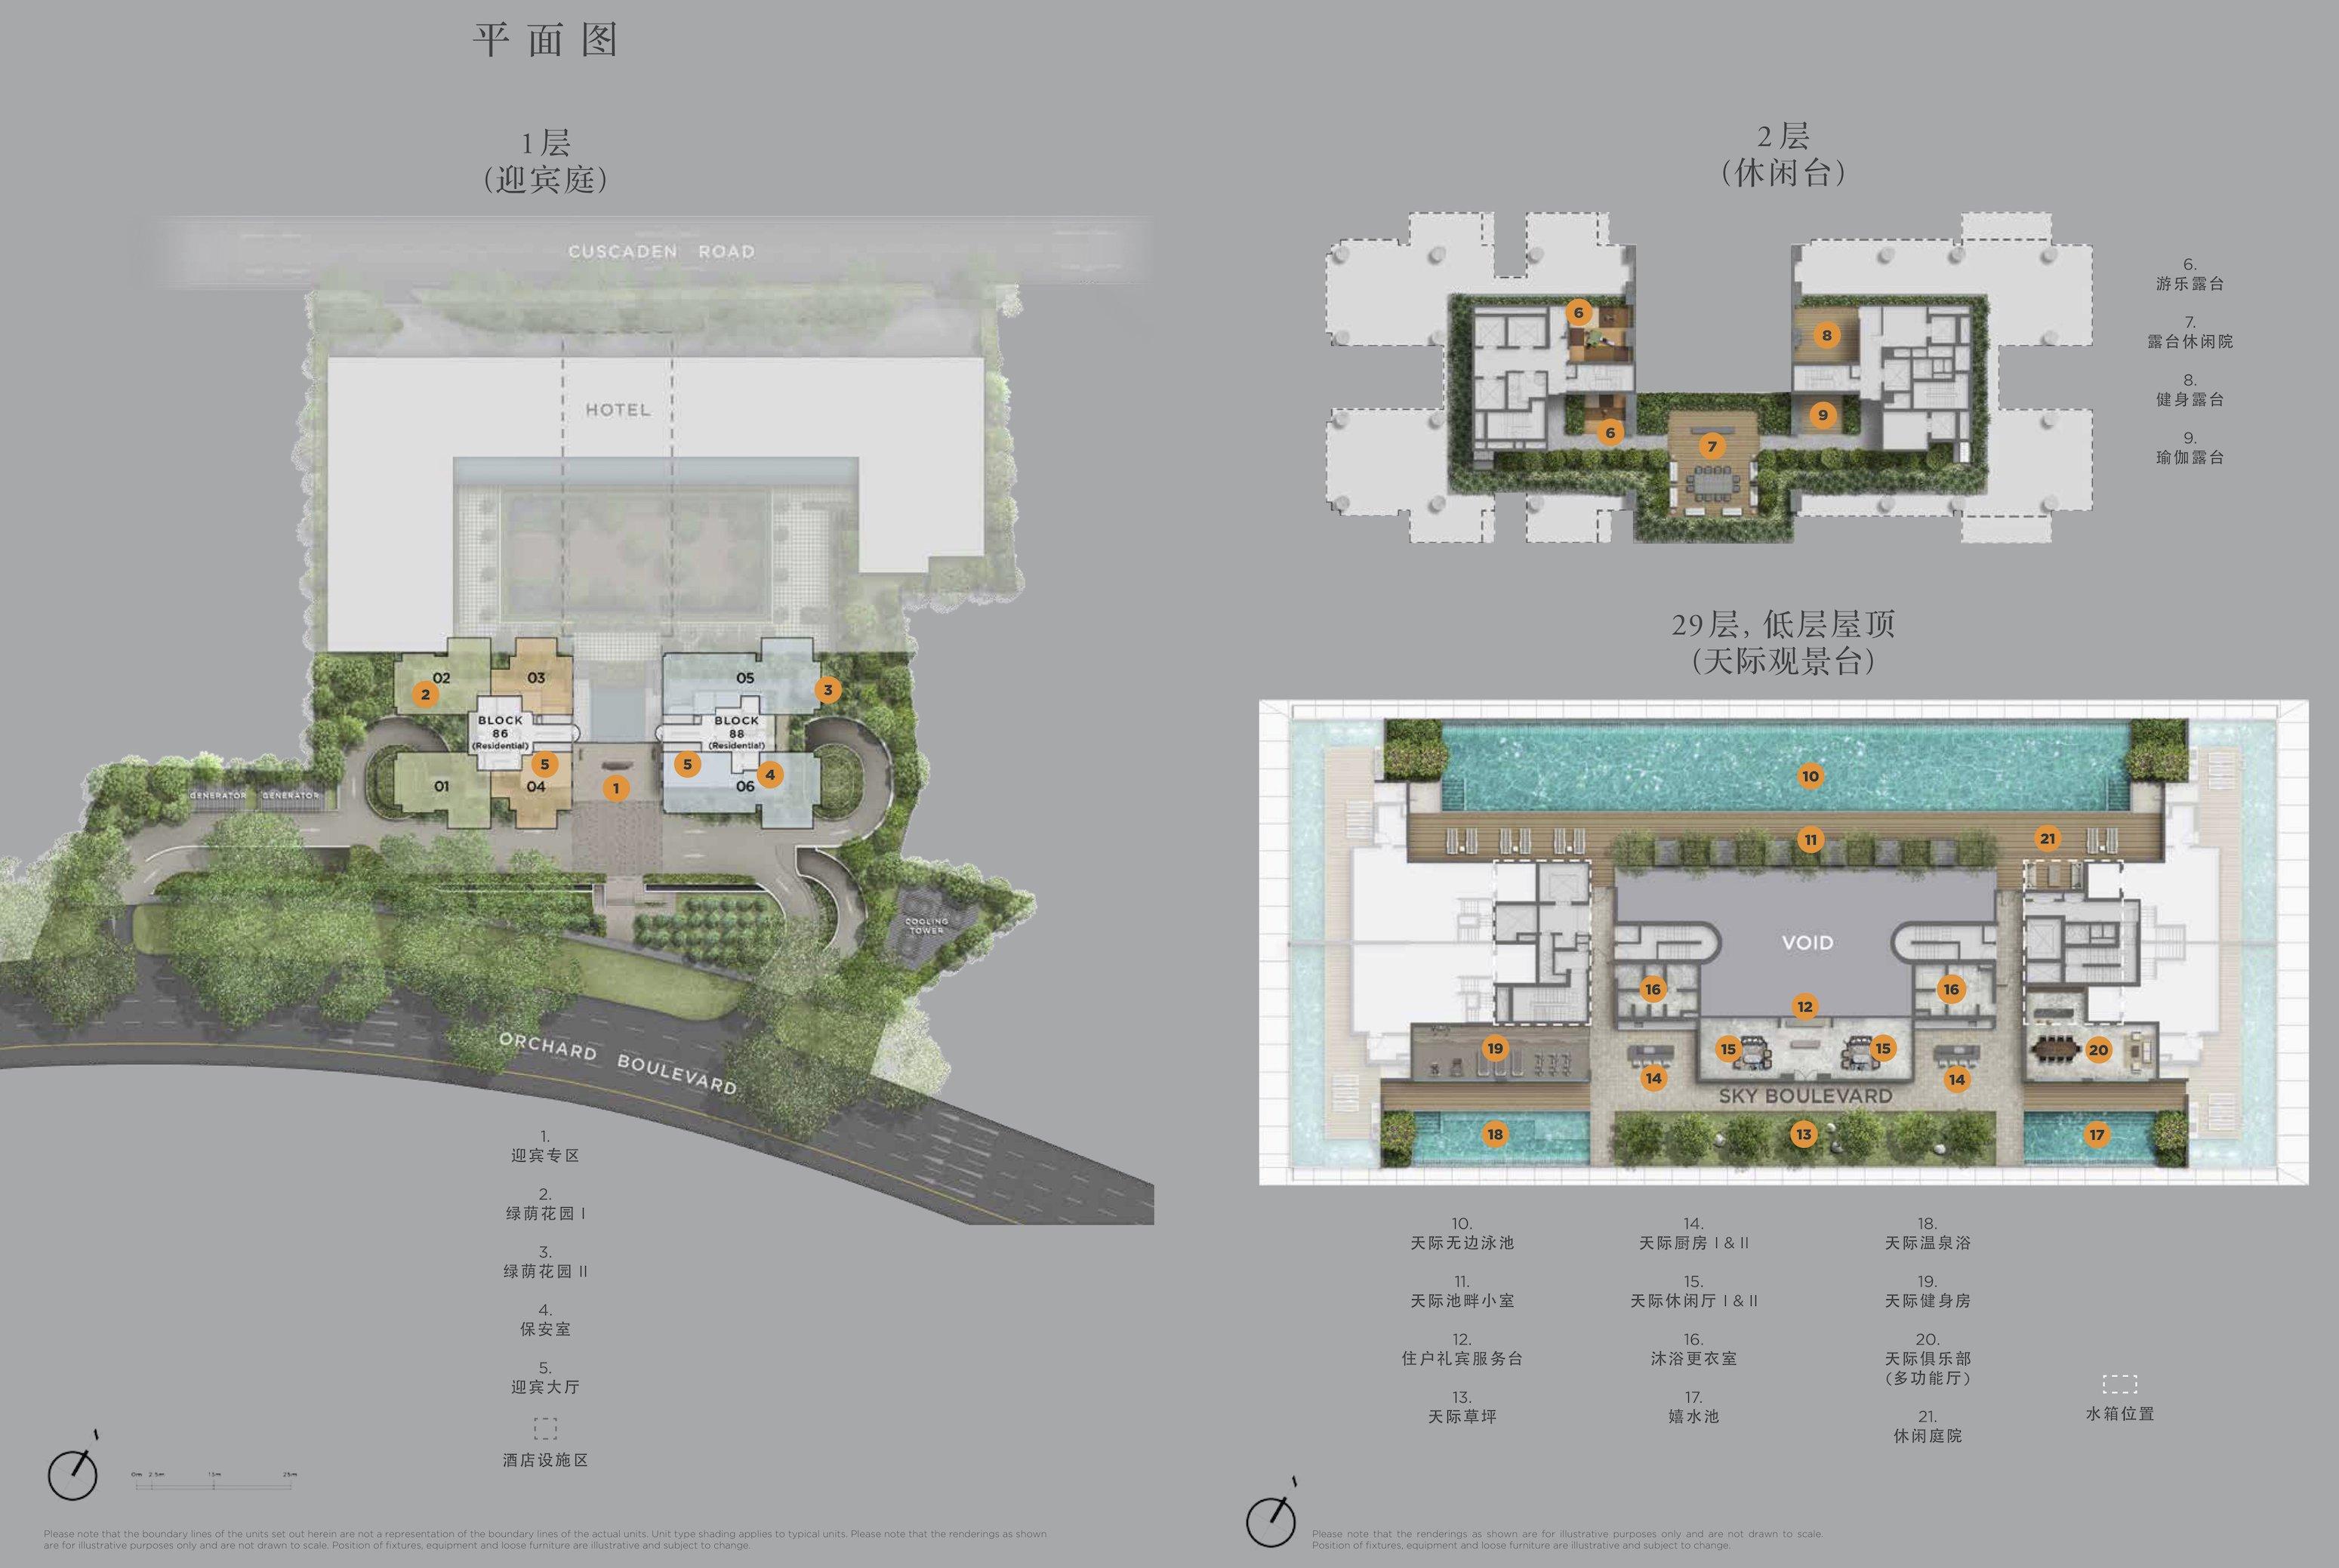 铂瑞雅居 Boulevard 88 site plan and facilities